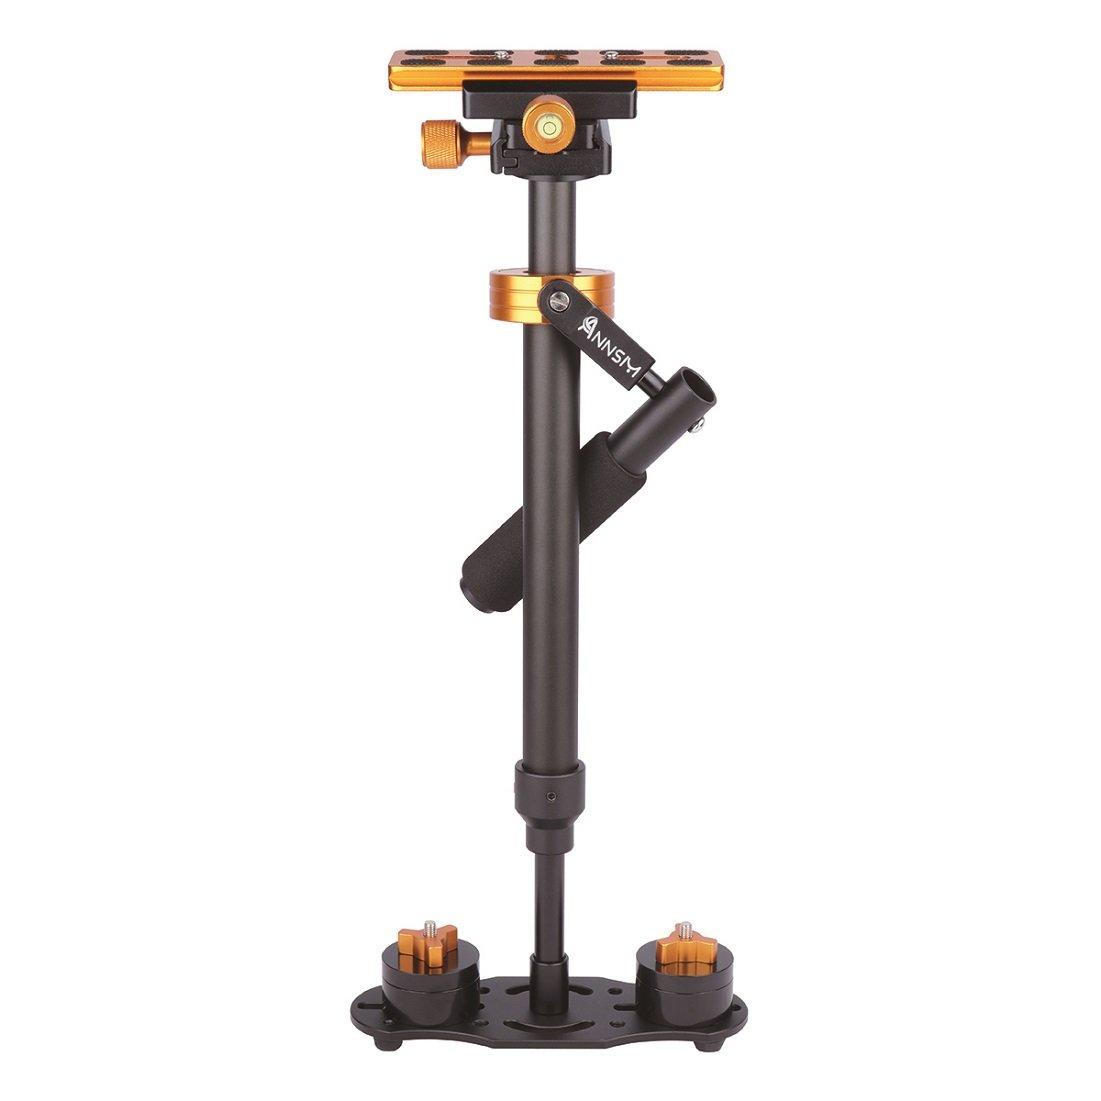 Annsm Pro 24 英寸/60 厘米摄像机手持稳定器适用于数码单反相机/摄像机/家庭 DV/智能手机/iPhone,高度/重量可调,橙色